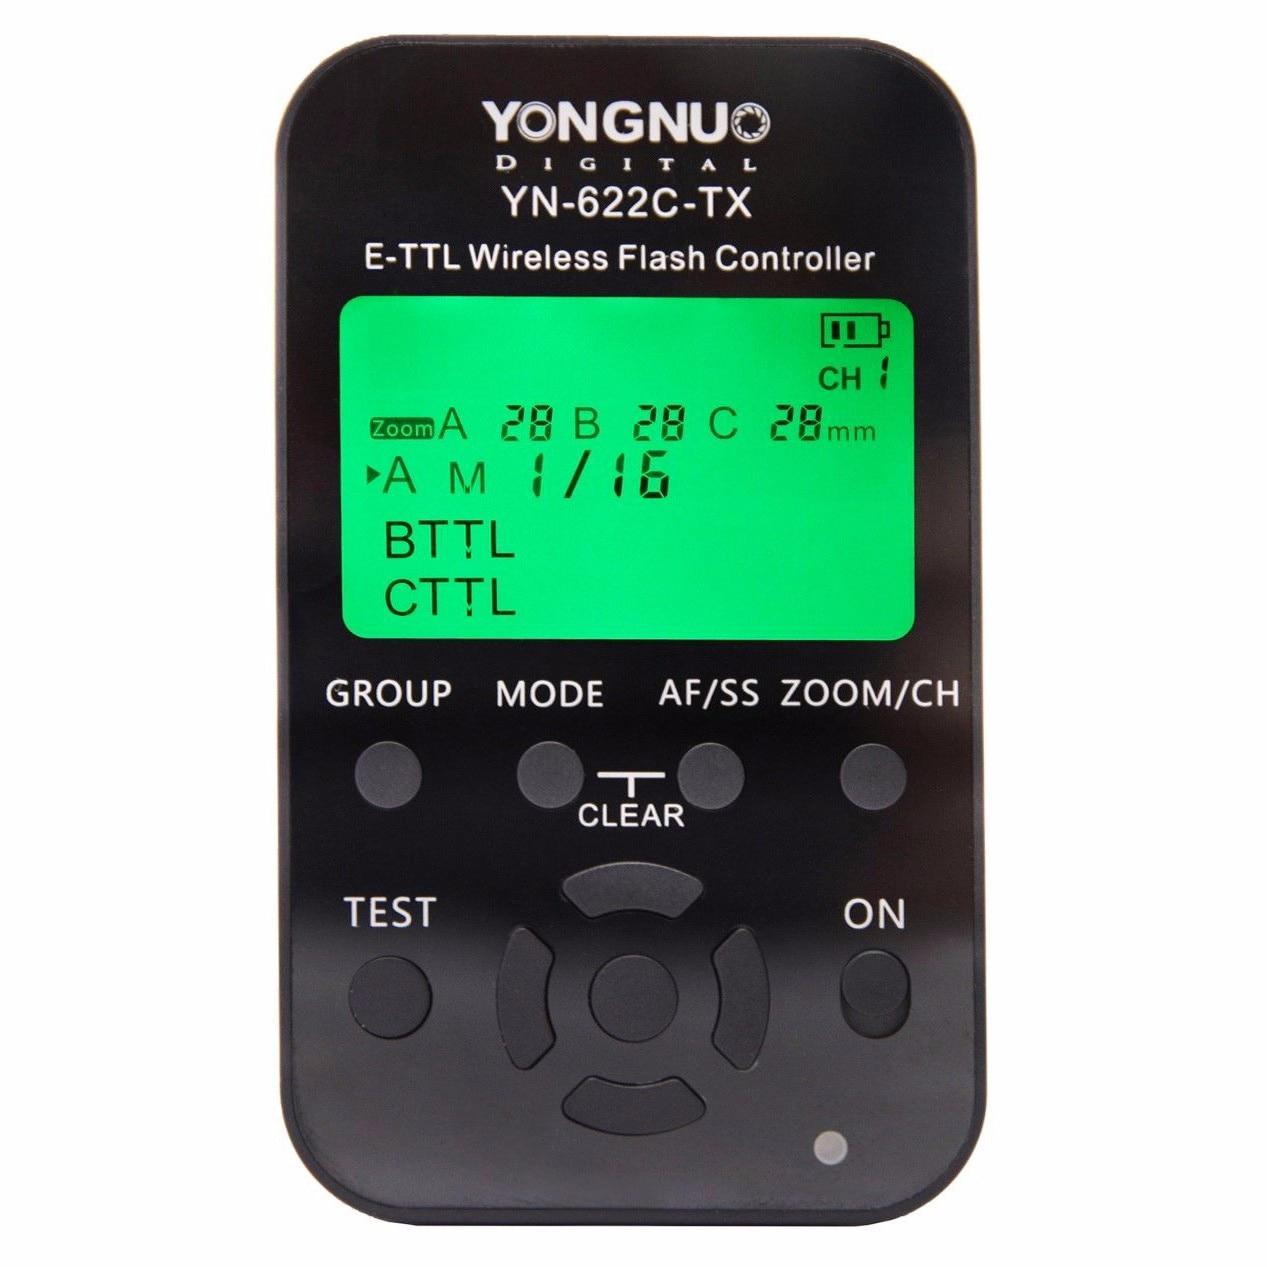 YONGNUO YN622C KIT YN622C-II-RX Single Transceiver Wireless E-TTL Flash Trigger Kit with LED Screen For Canon yongnuo yn622c kit wireless e ttl hss flash trigger kit yn622c 622c transceiver